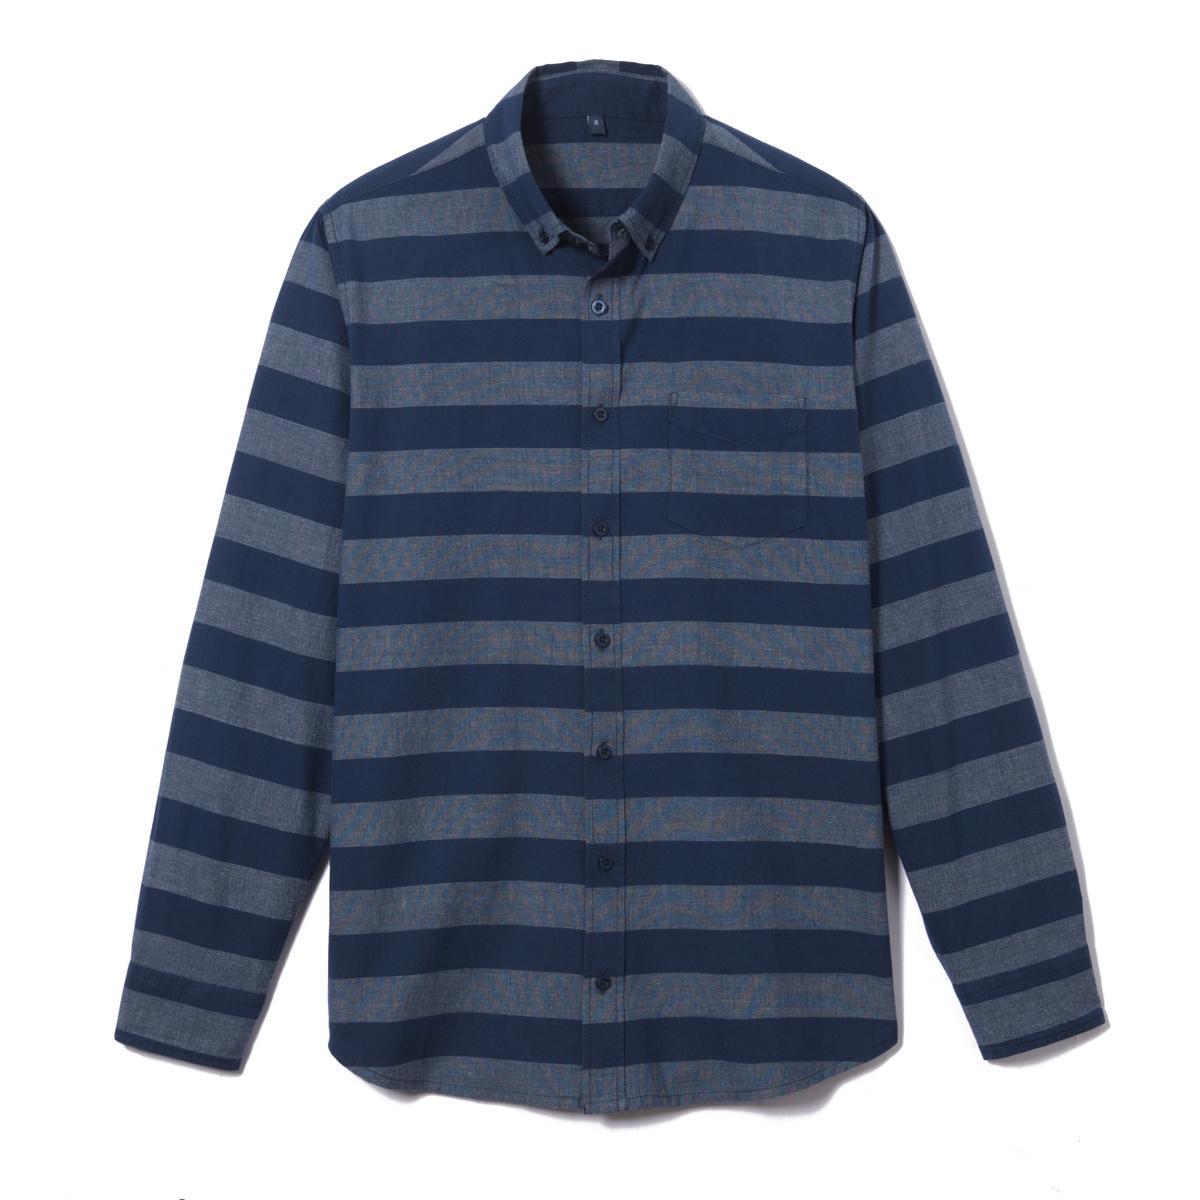 Рубашка в полоску стандартного покроя из ткани шамбре 100% хлопок